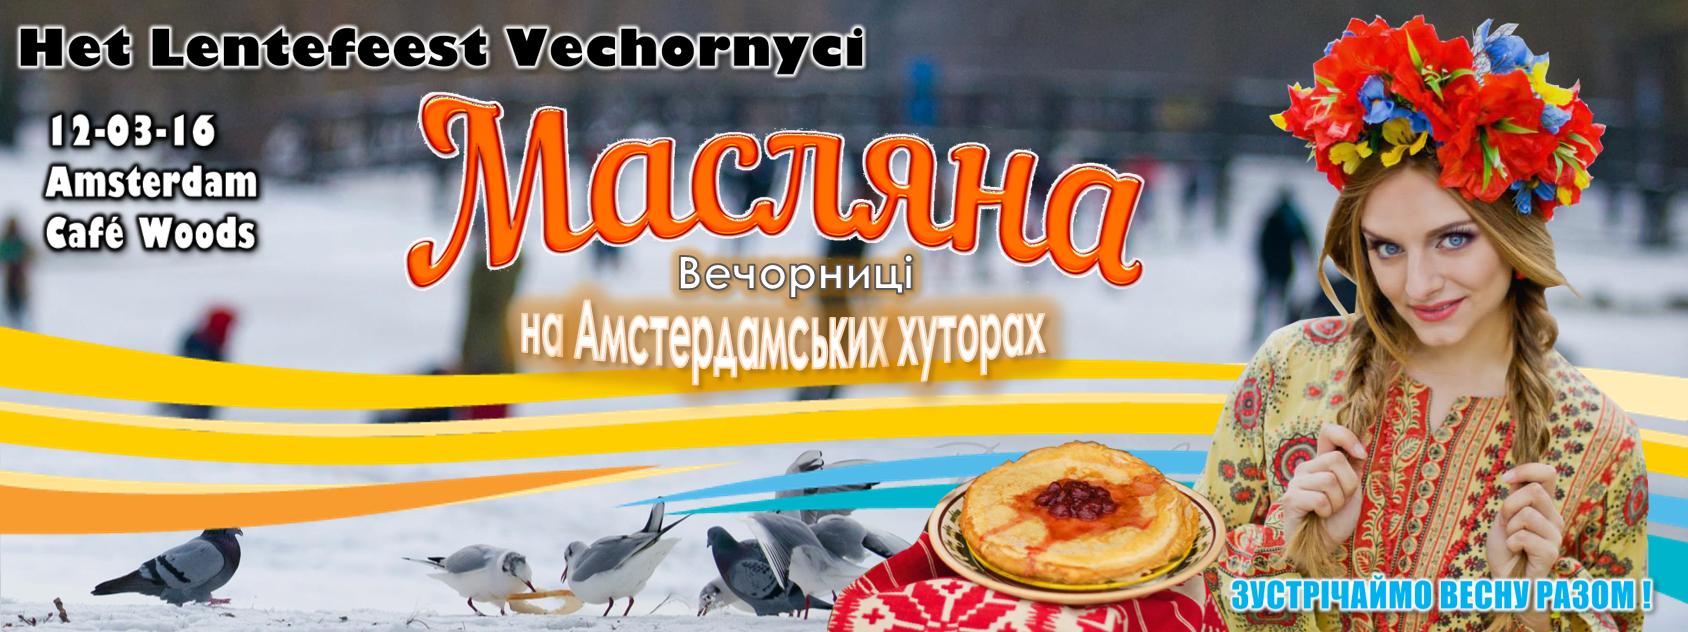 Maslyana4